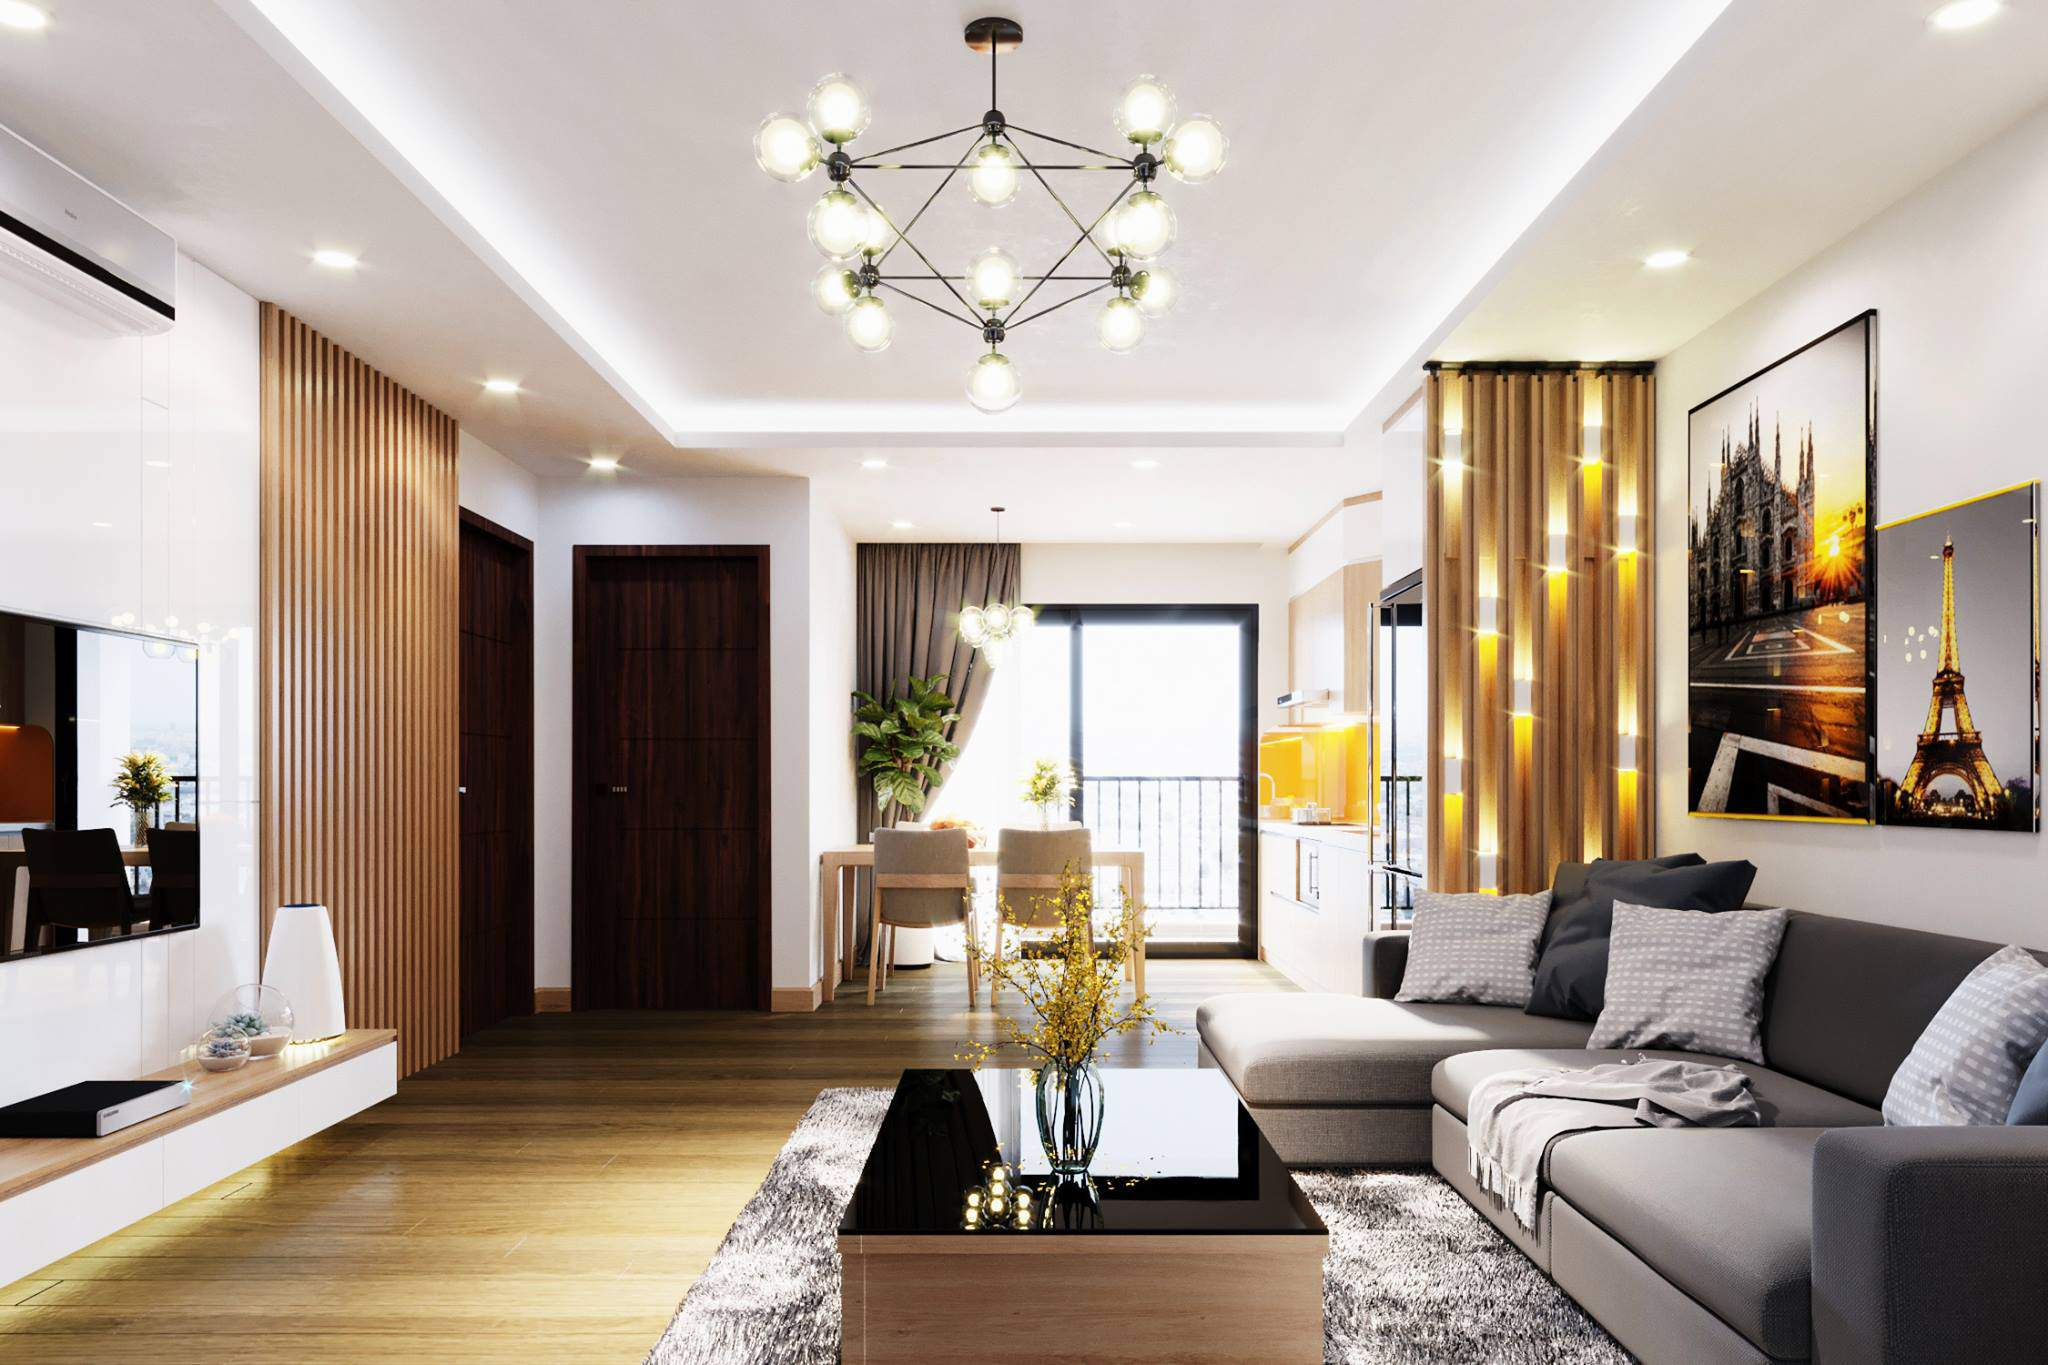 Tư vấn thiết kế nội thất căn hộ chung cư với diện tích (83m²) - Ảnh 5.